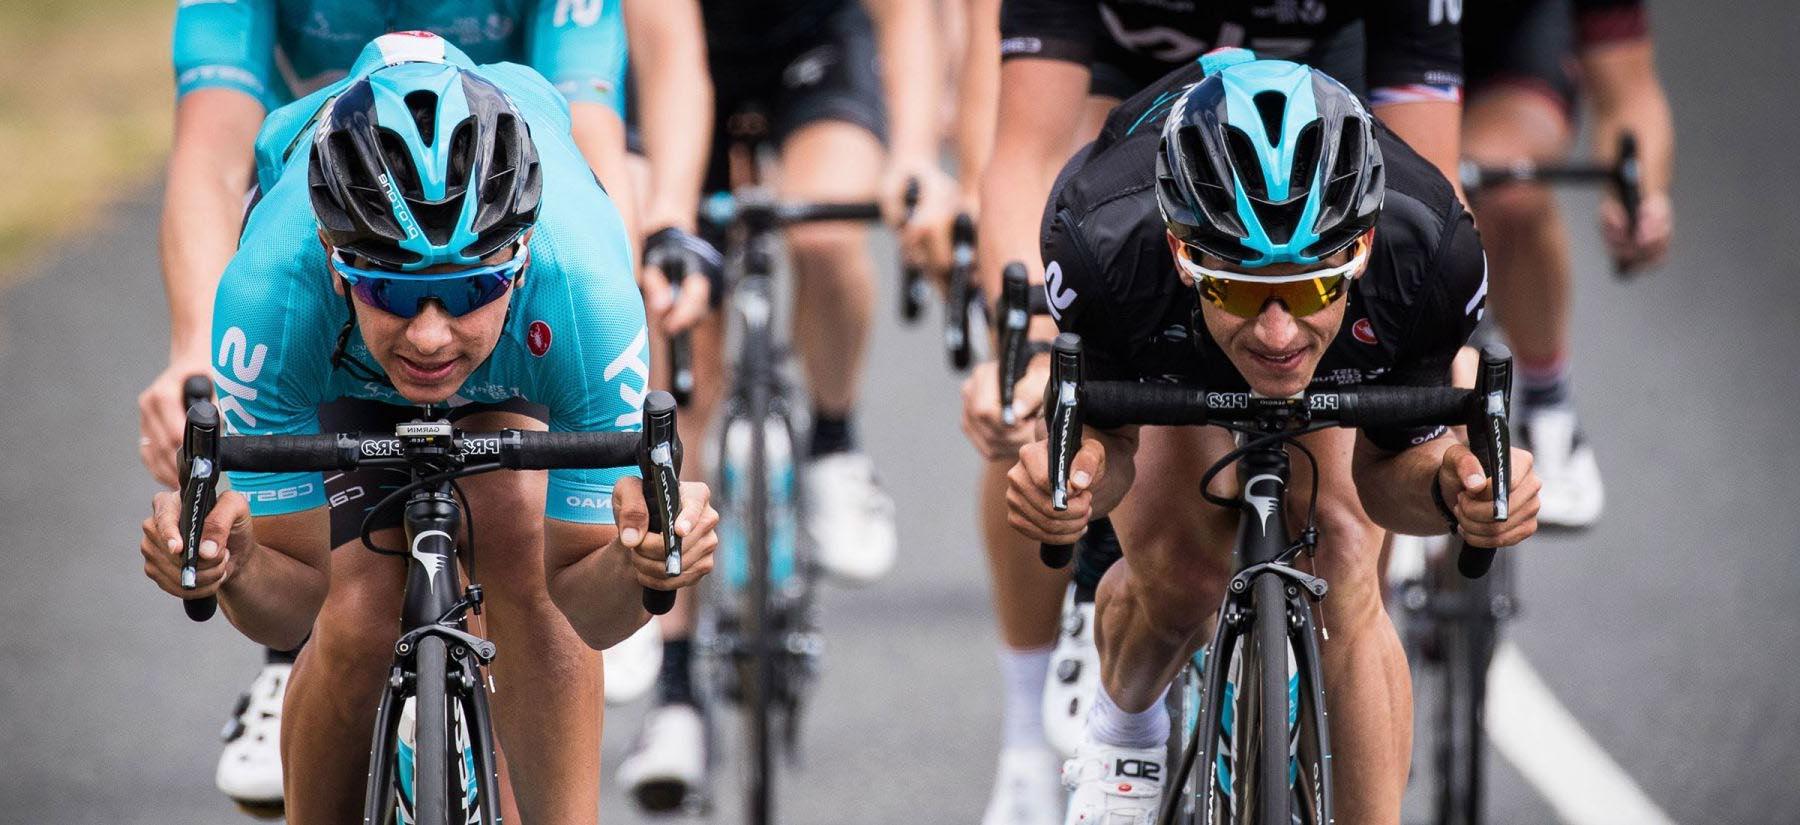 triathlon helmet rudy